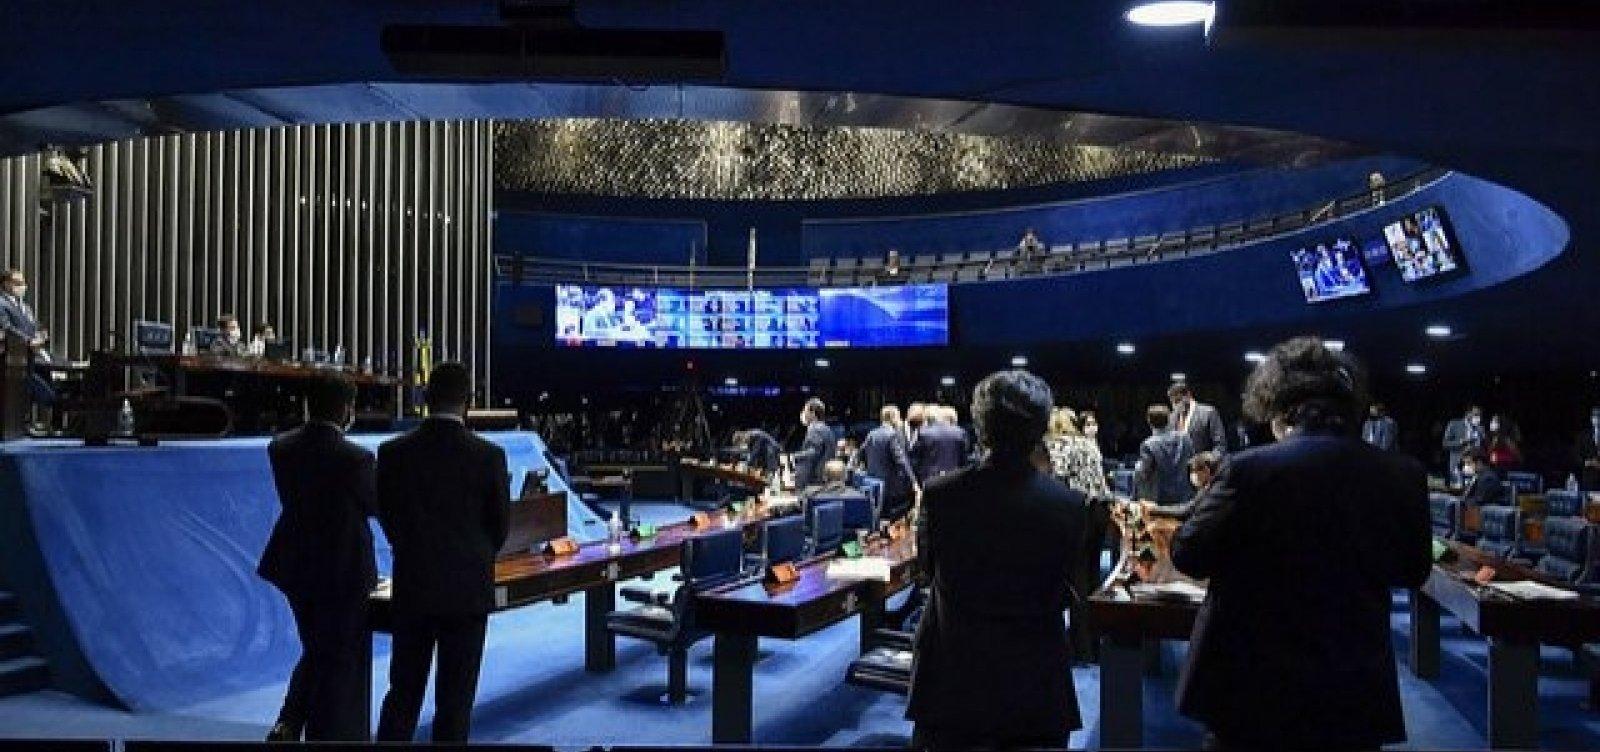 Senado rejeita MP de mini-reforma trabalhista com menos direitos para trabalhadores